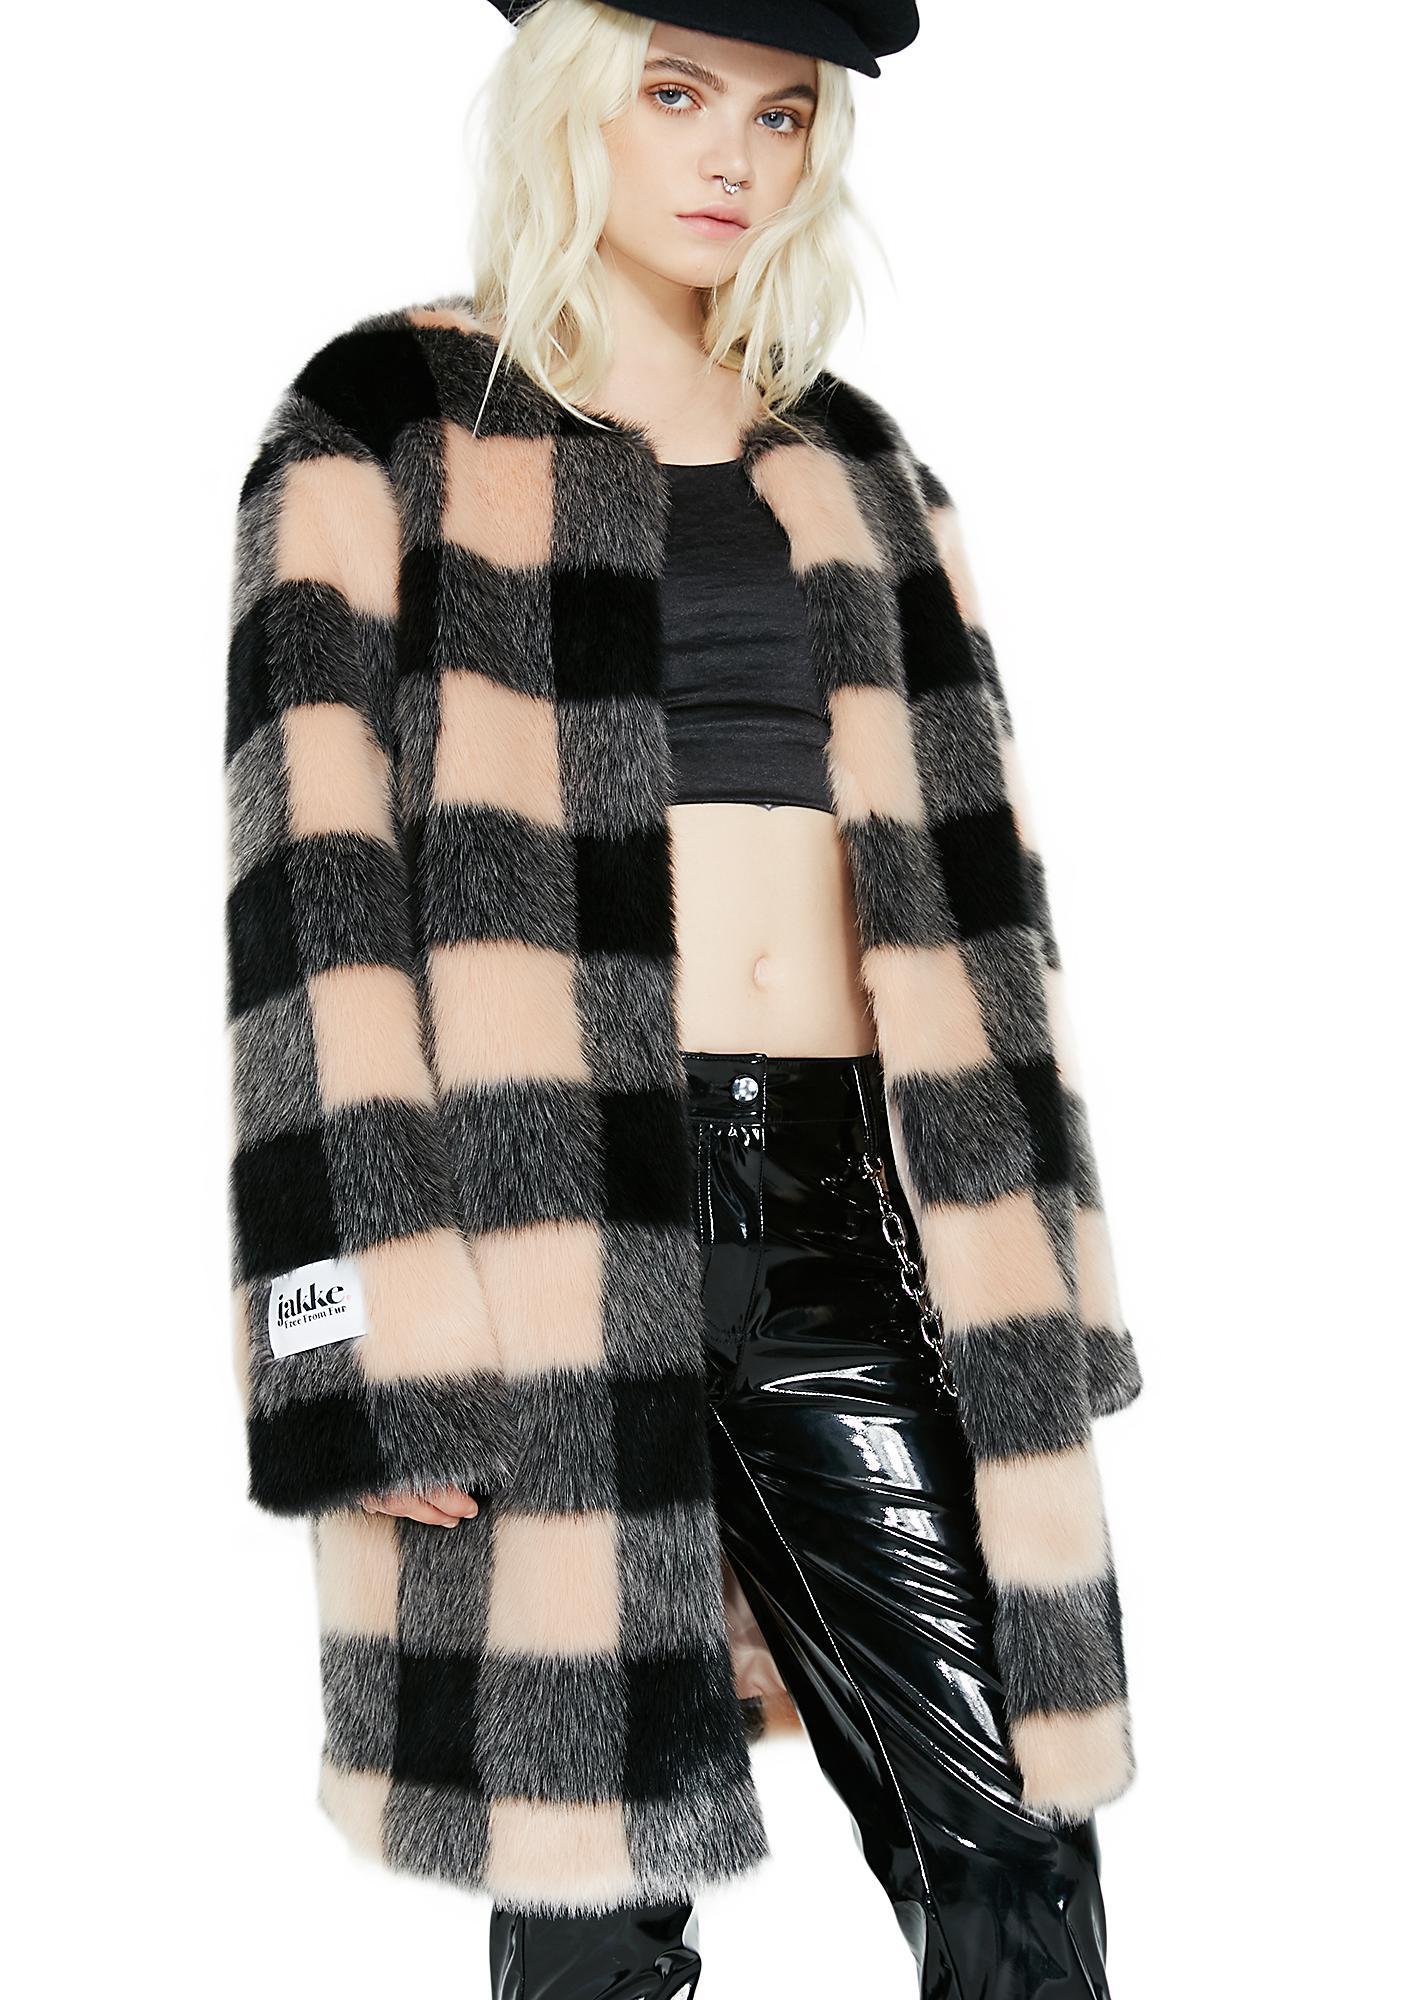 Jakke Check Chloe Coat